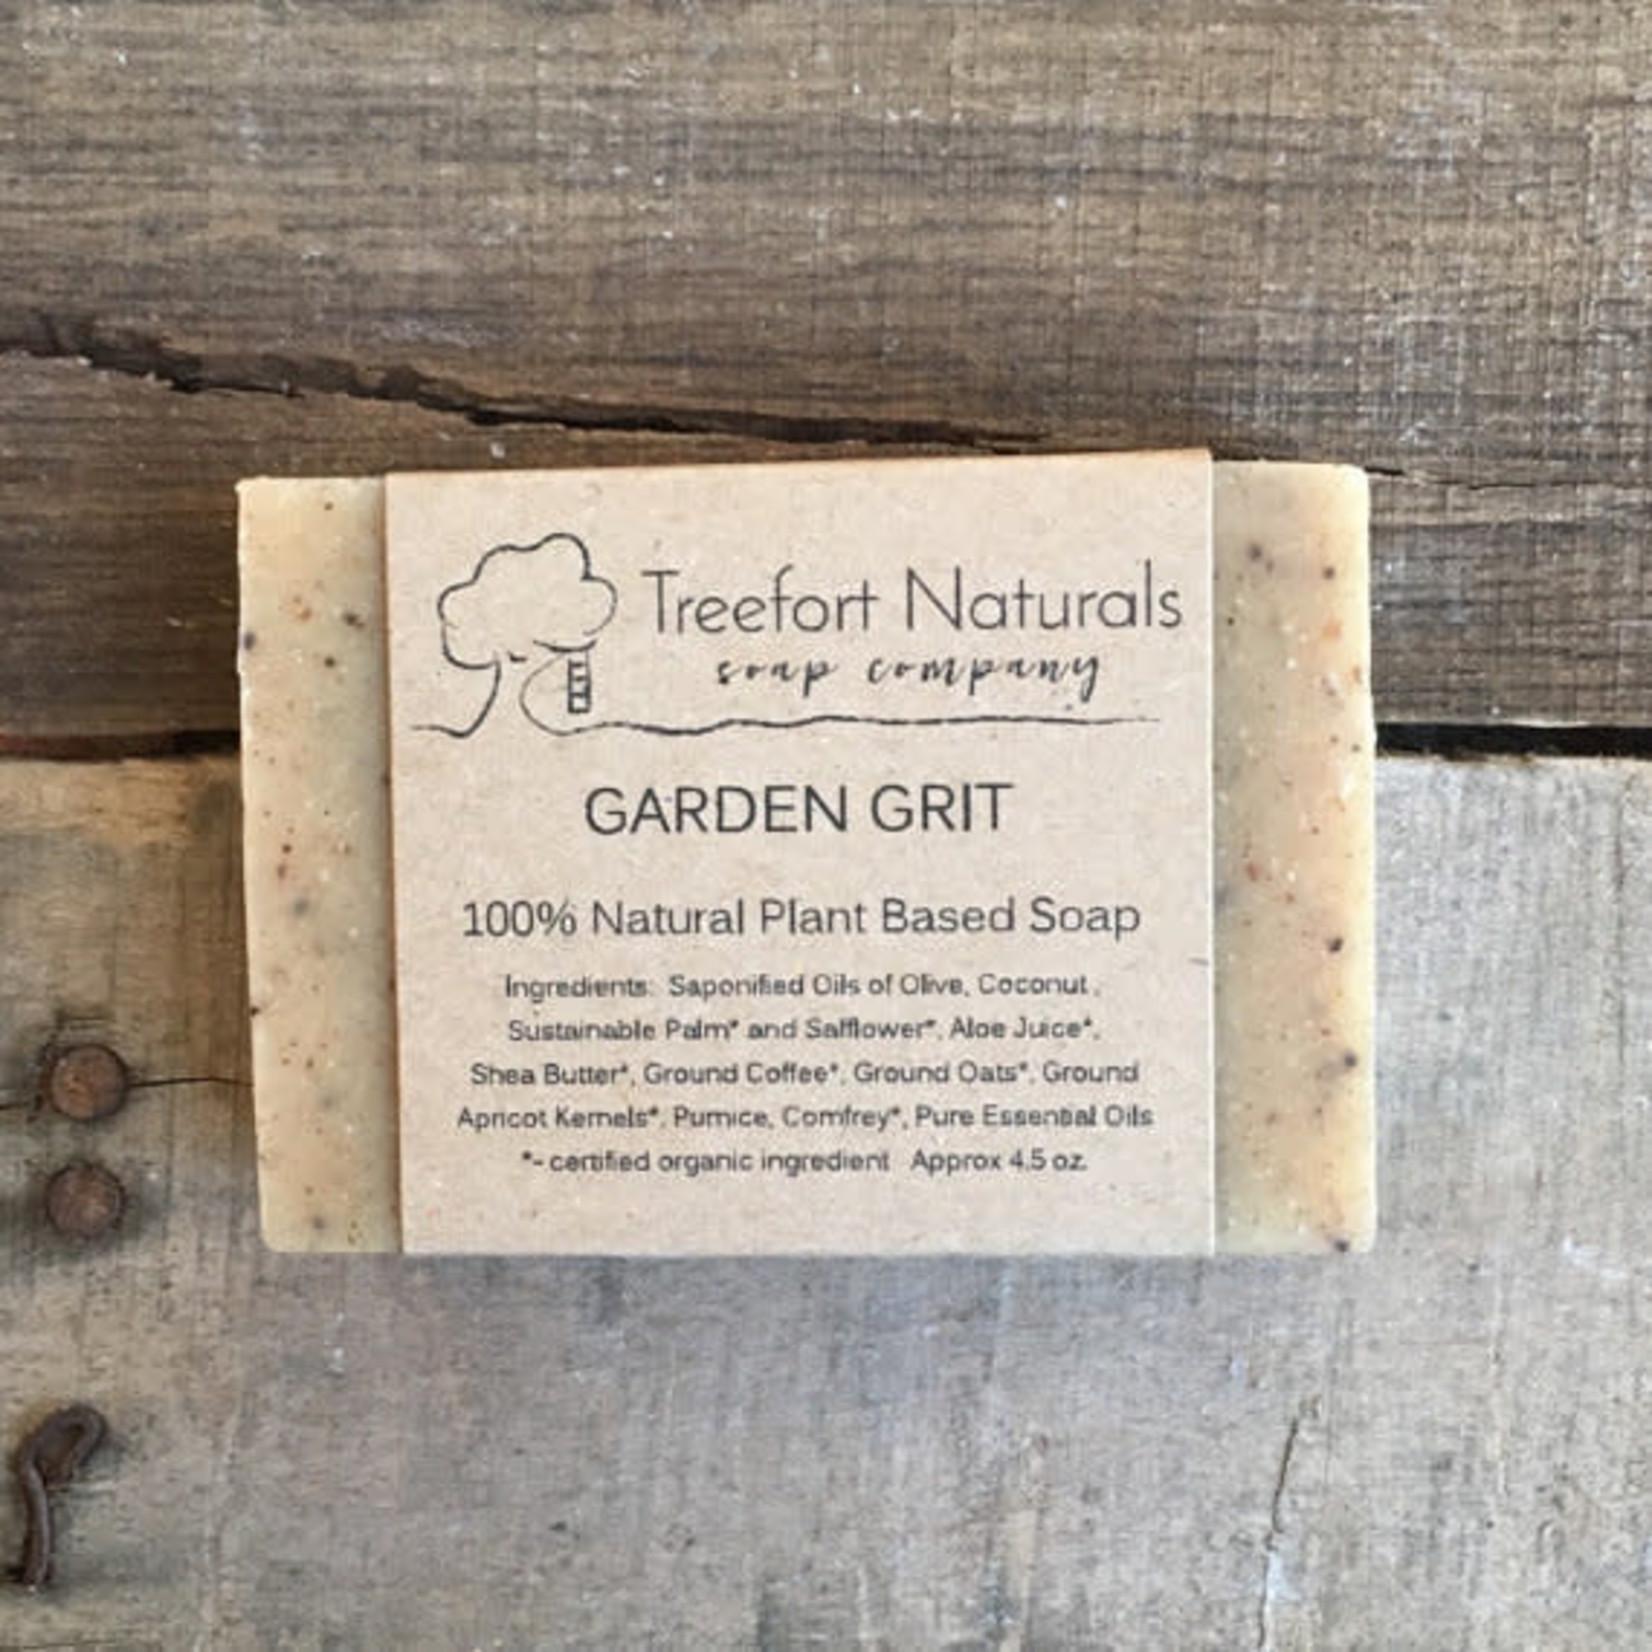 Treefort Naturals Treefort Naturals Garden Grit